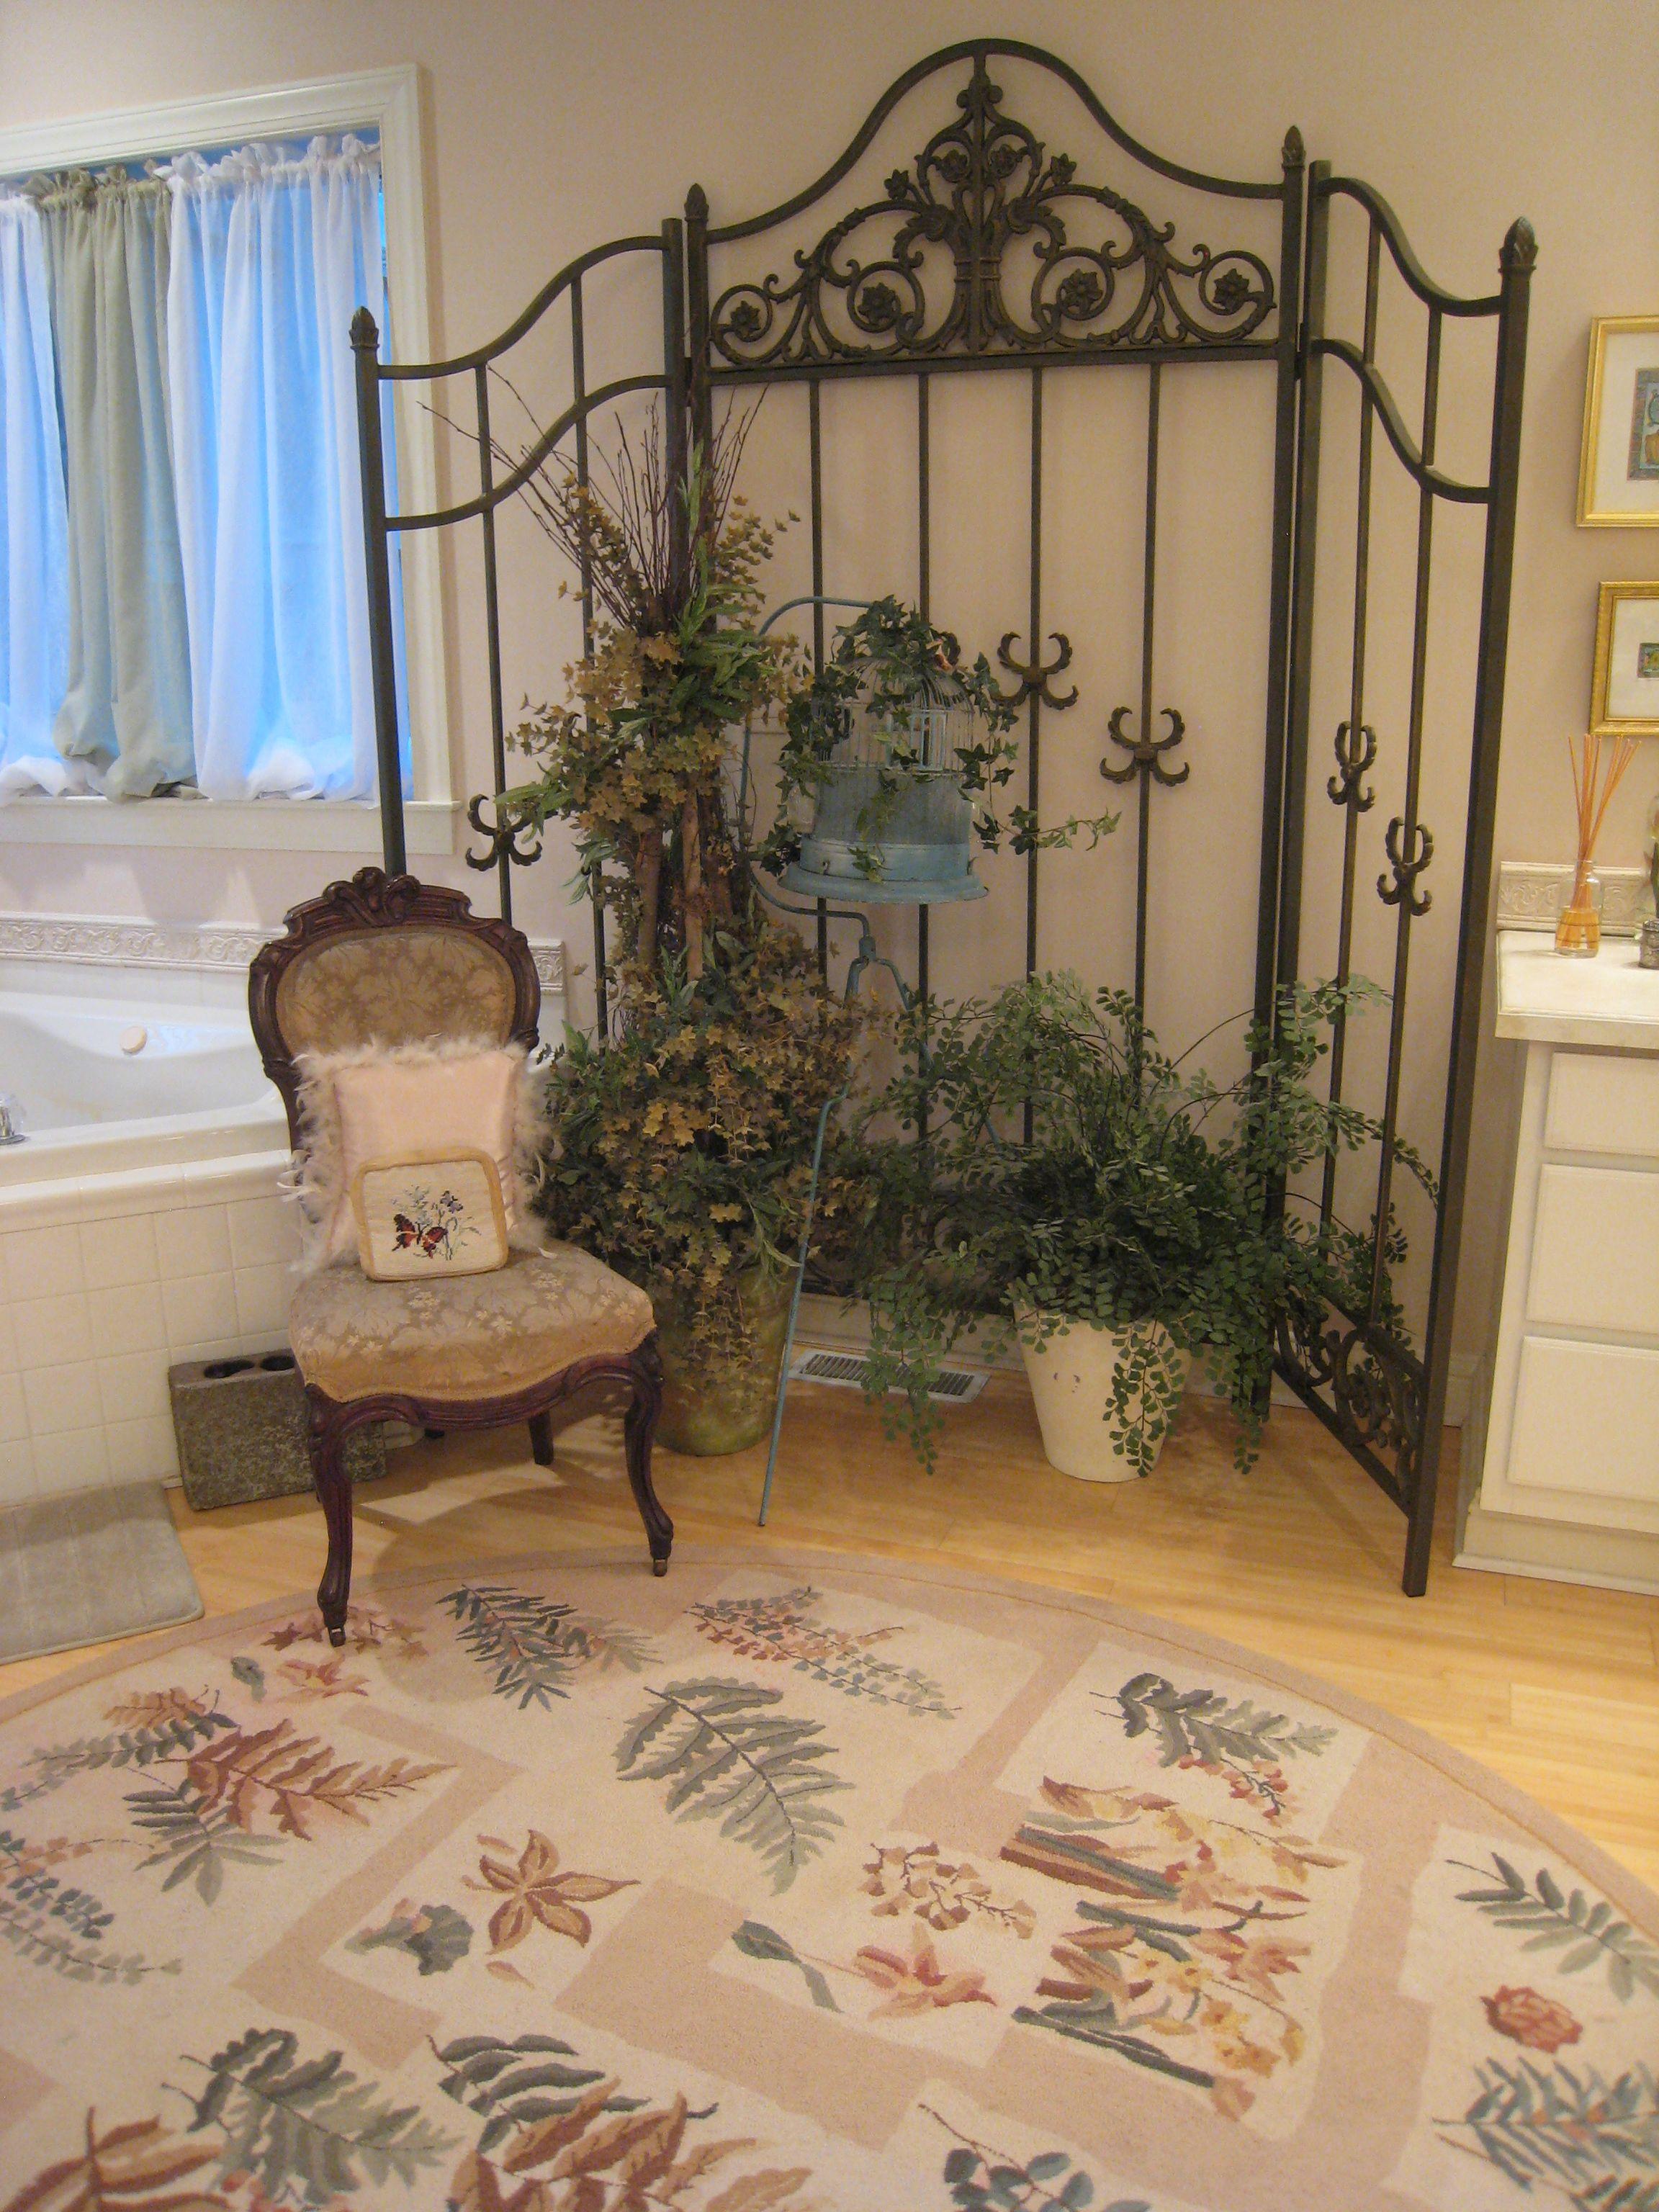 Bathroom decor in the queen alexandra birdwing suite